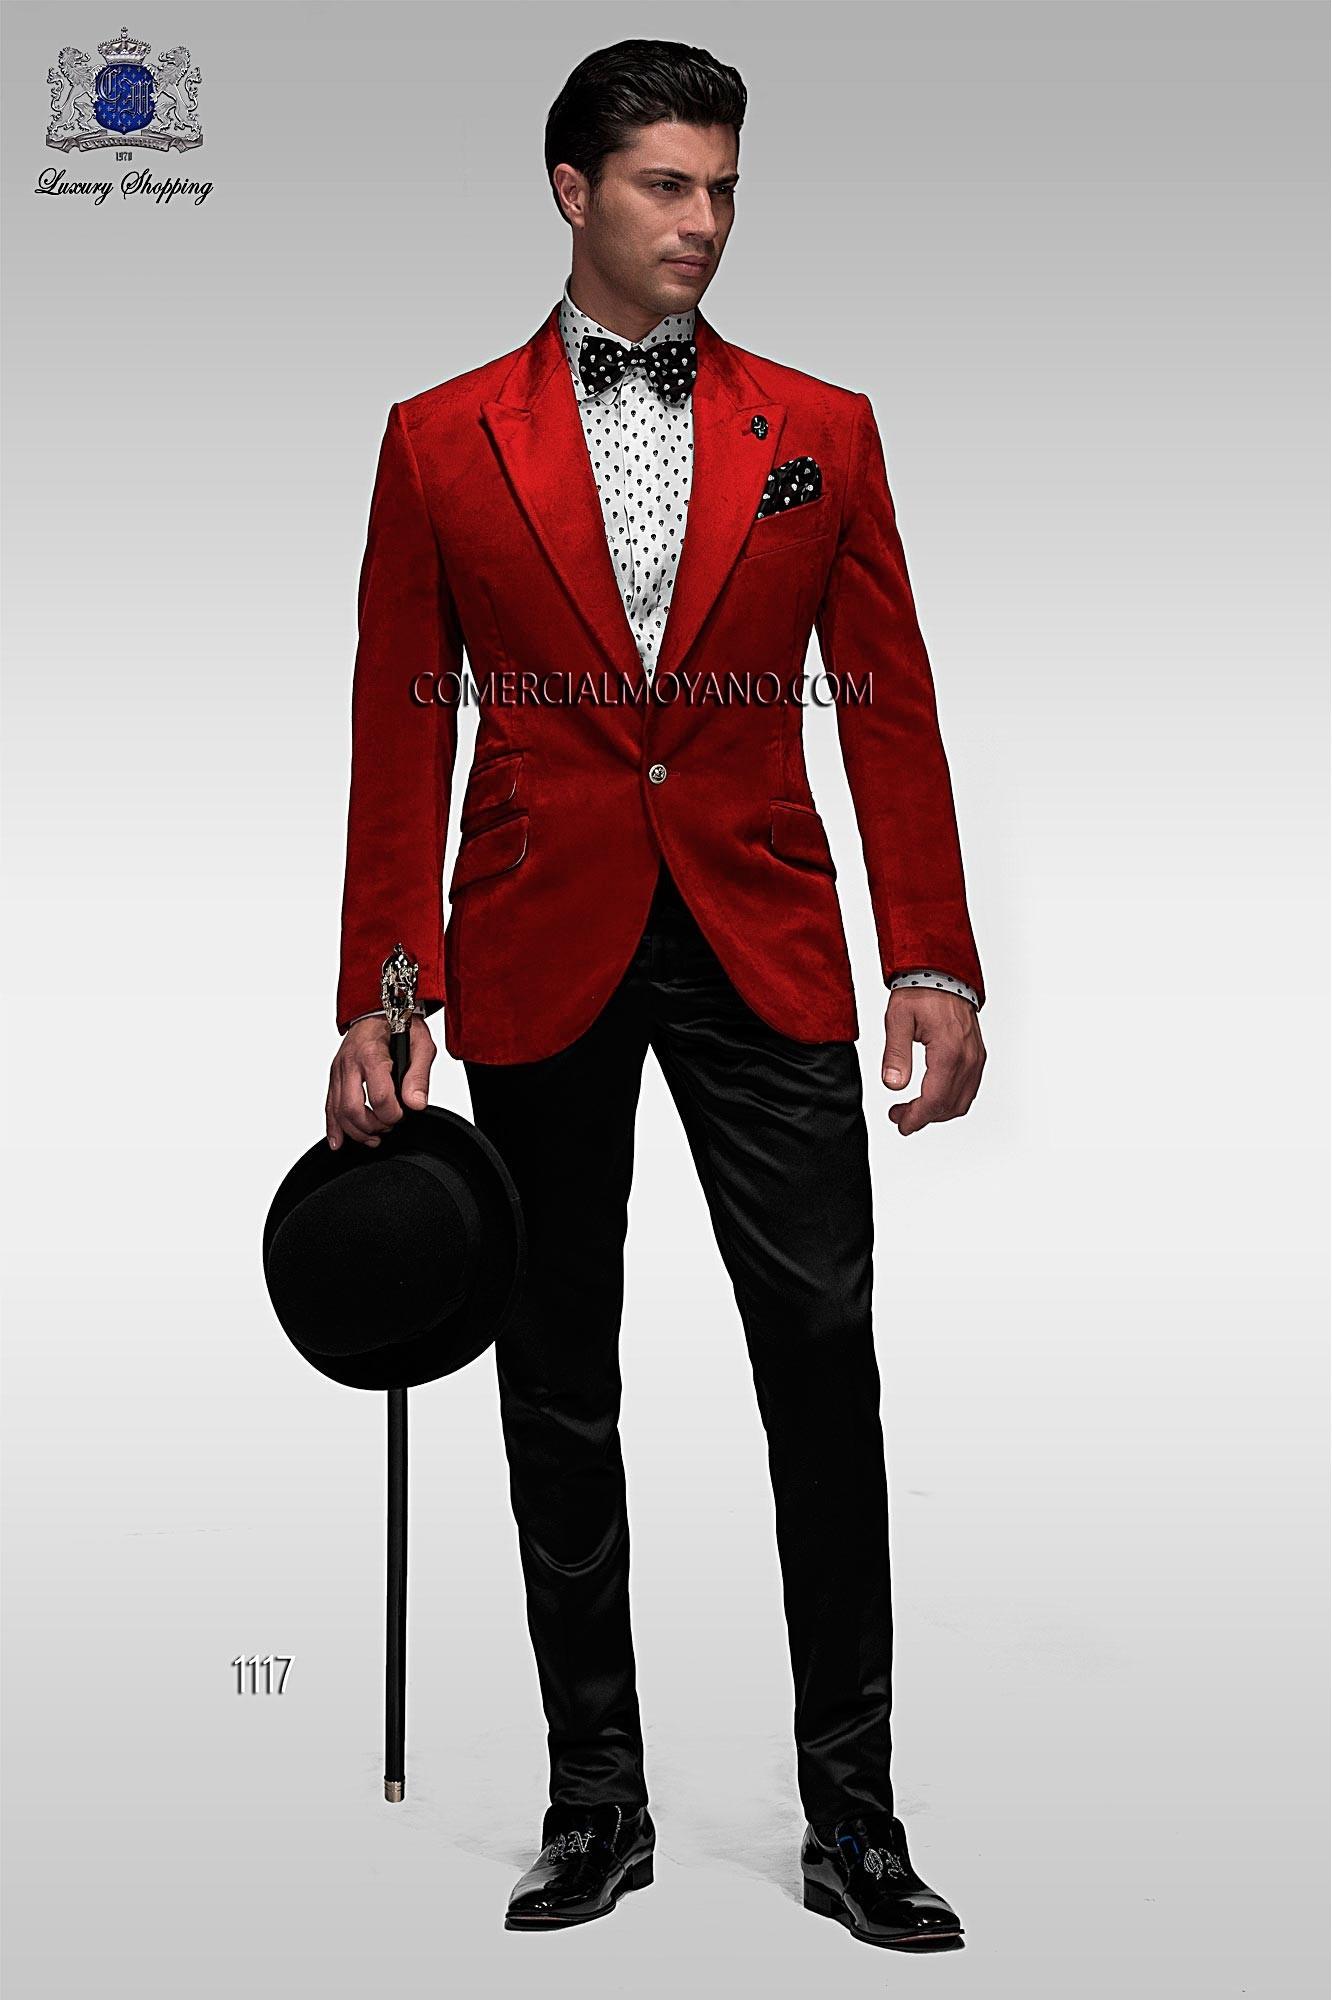 Traje de moda hombre rojo modelo: 1117 Ottavio Nuccio Gala colección Emotion